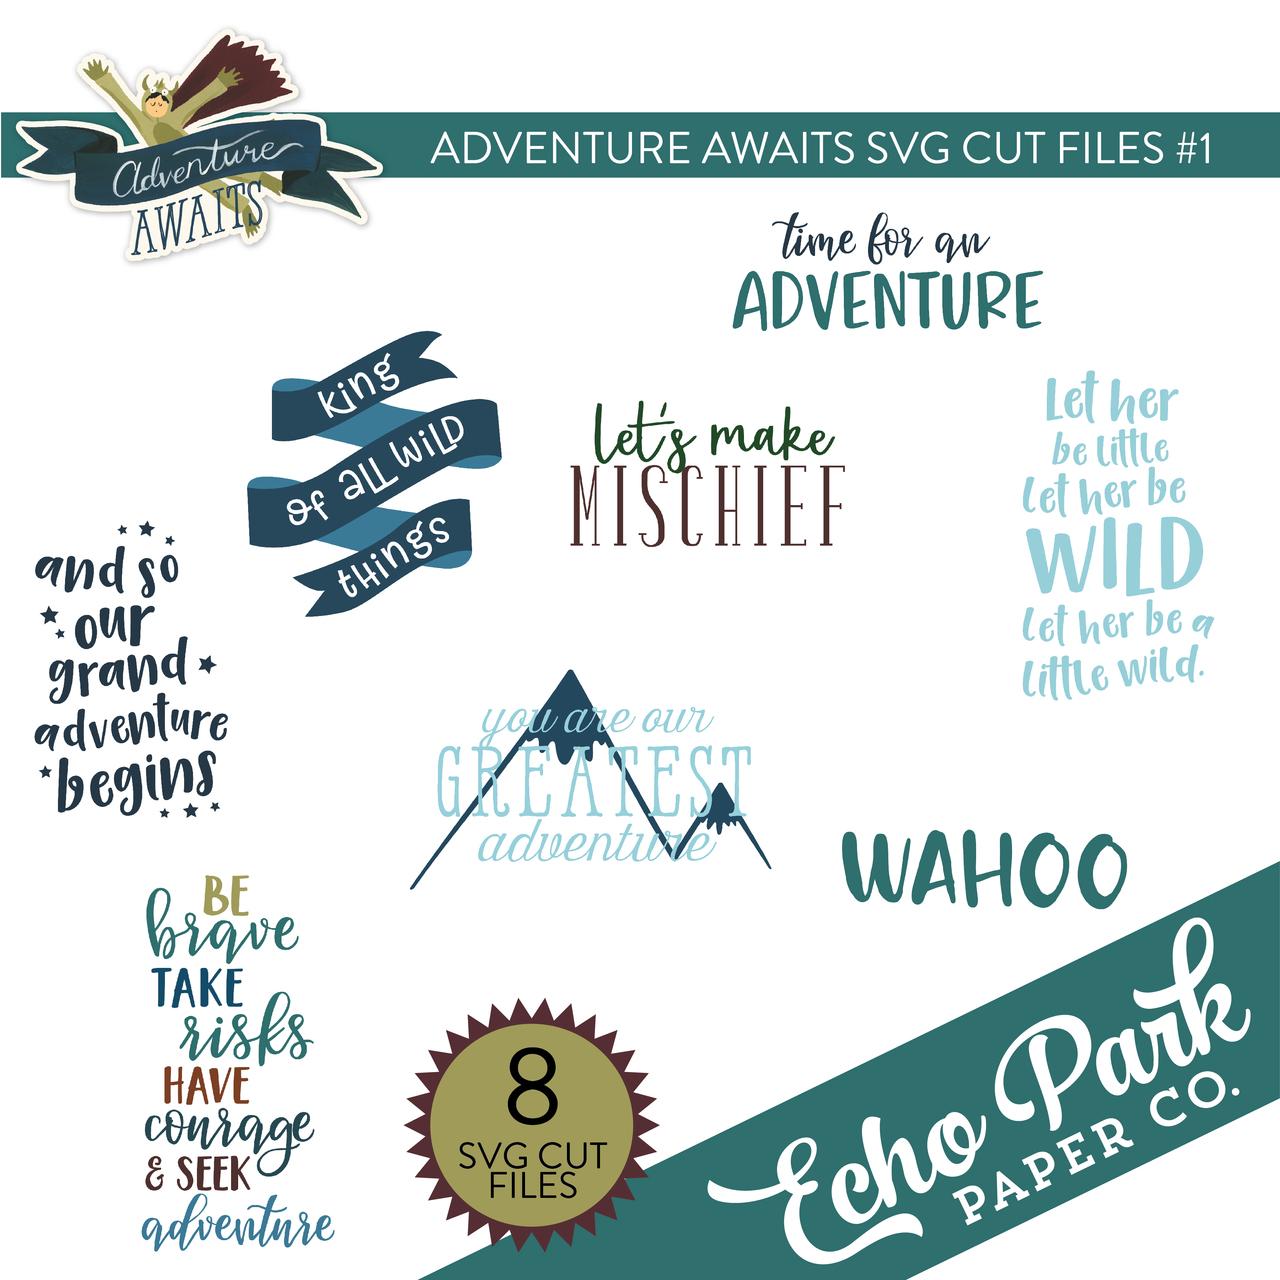 Adventure Awaits SVG Cut Files #1